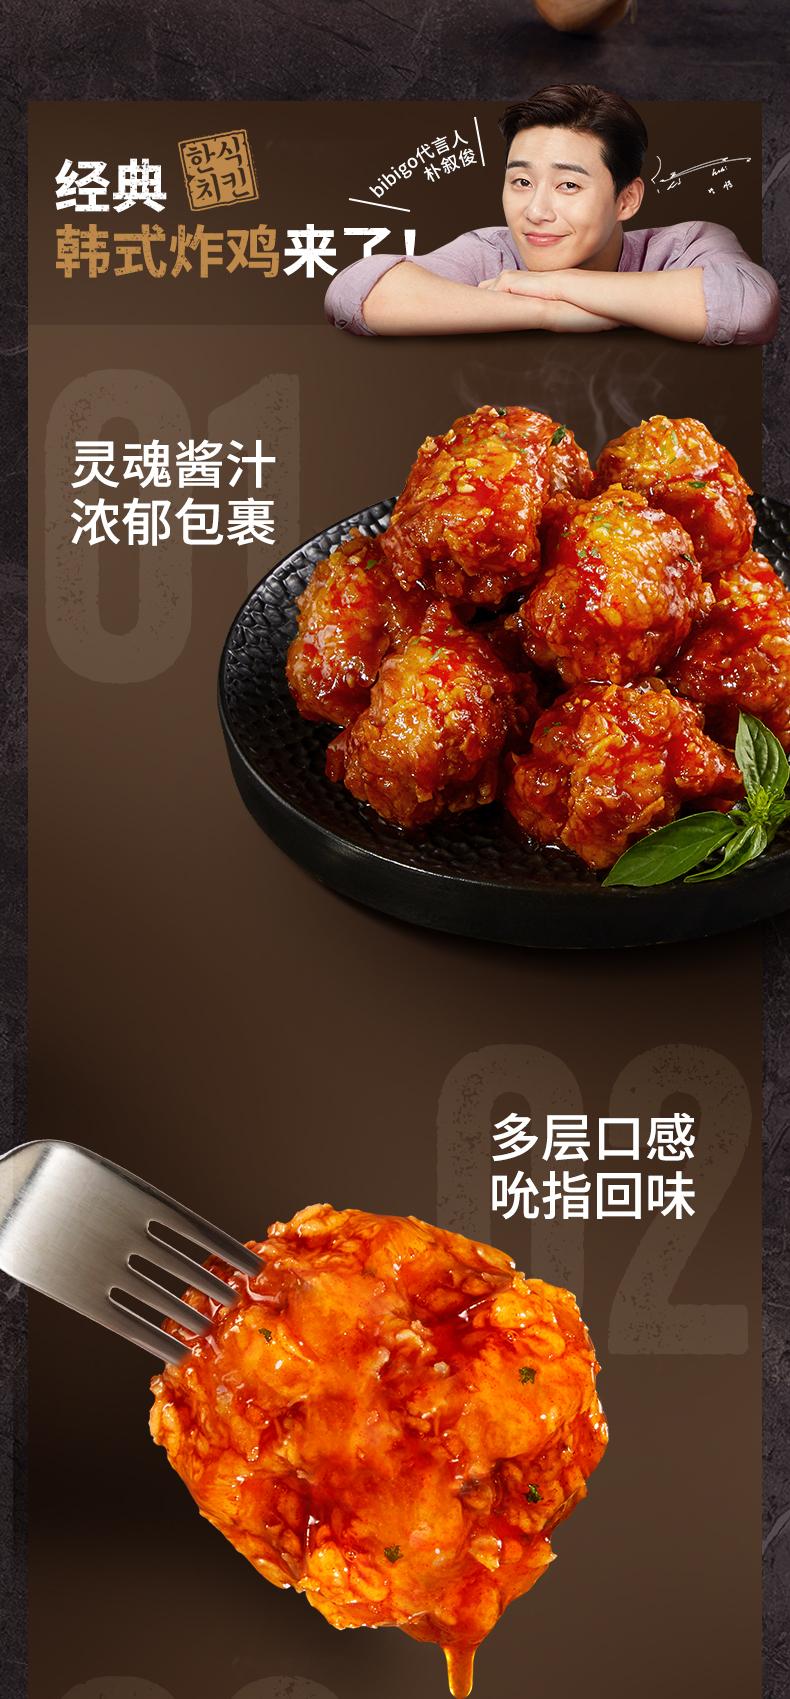 韩国希杰旗下 必品阁bibigo 韩式微波炸鸡 200g*5盒 图2